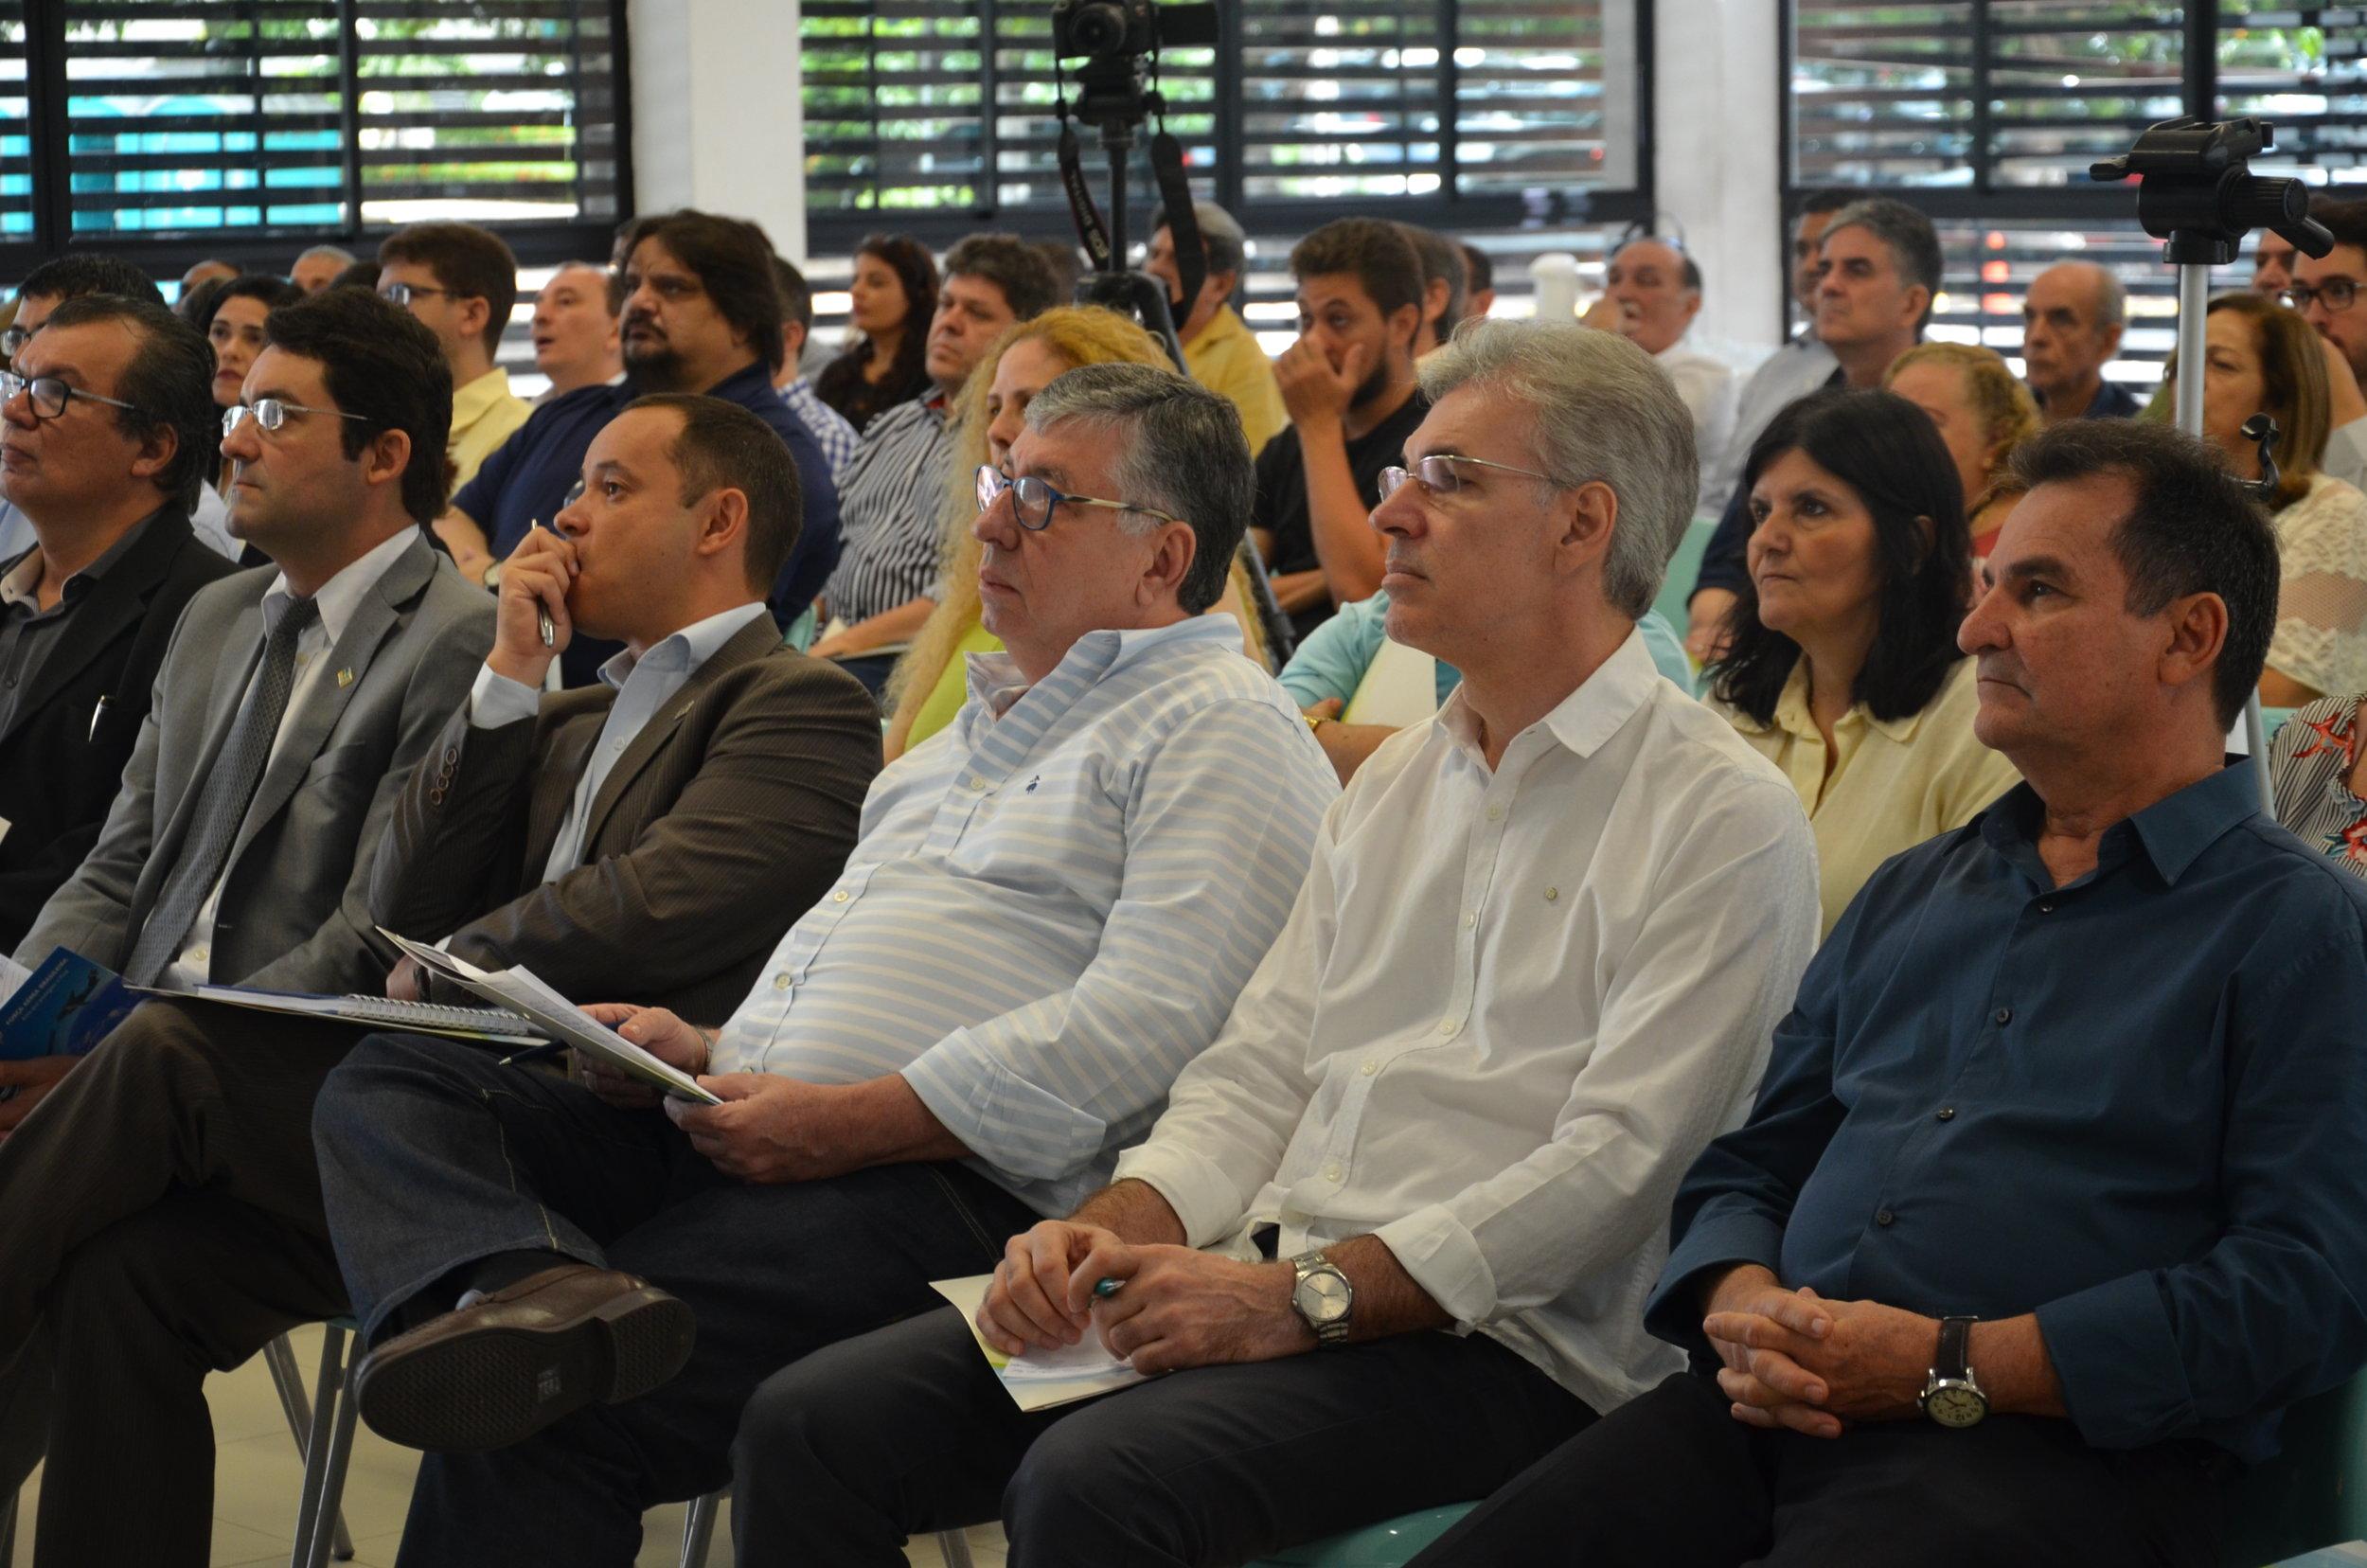 Jorge Edmundo, Presidente da Asseplag, Alex Canuto, Presidente da ANESP, Leandro Couto, Presidente da Assecor e Francisco de Queiroz Maia Júnior, Secretário da Seplag.Foto: Asseplag